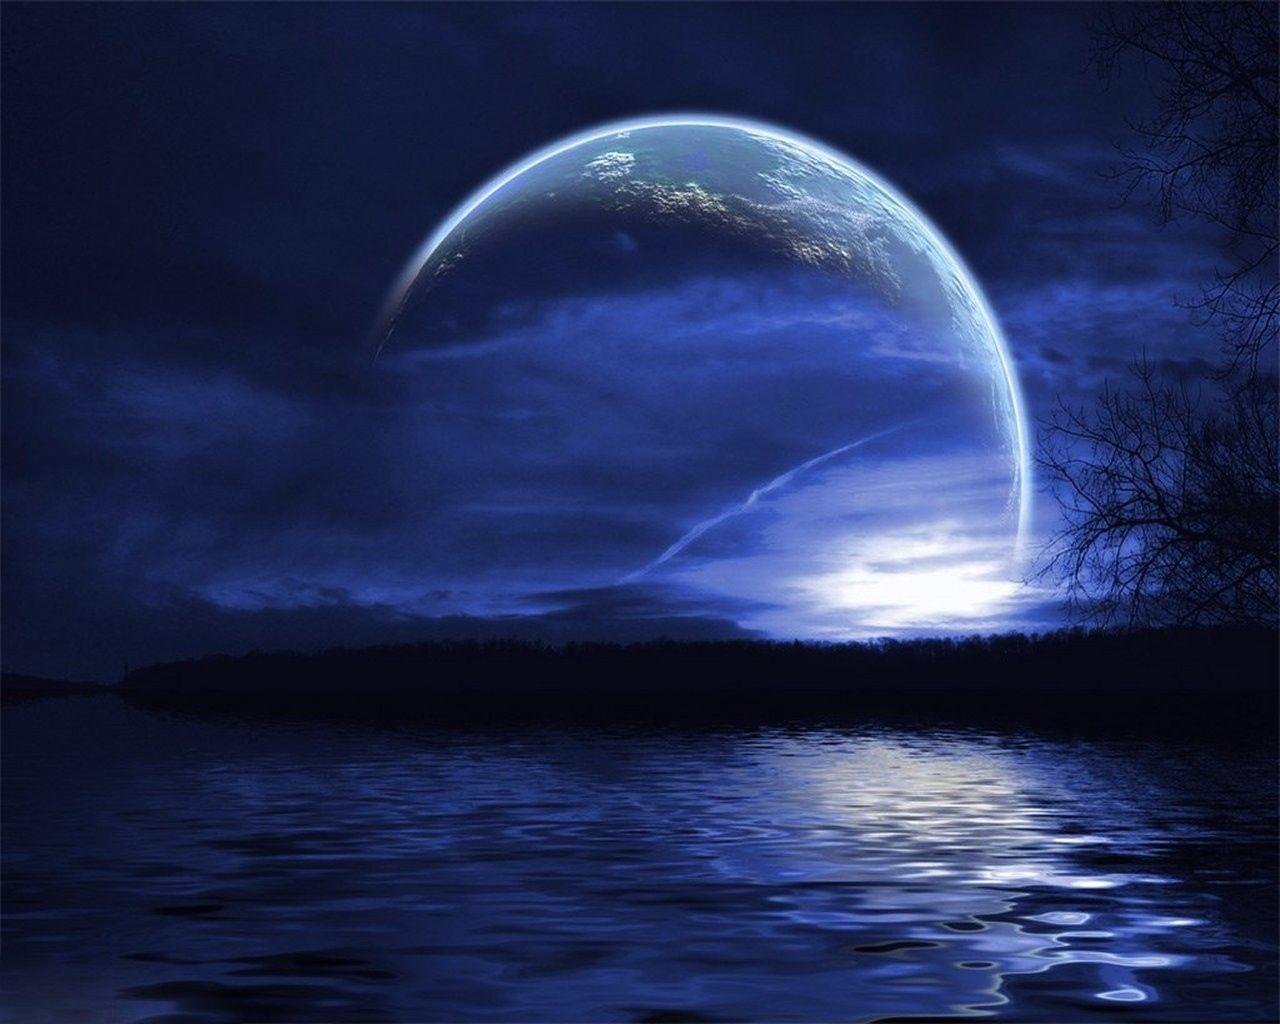 Ocean Ocean Oceans Wallpaper 31507312 Fanpop Fanclubs Beautiful Moon Moon Blue Moon